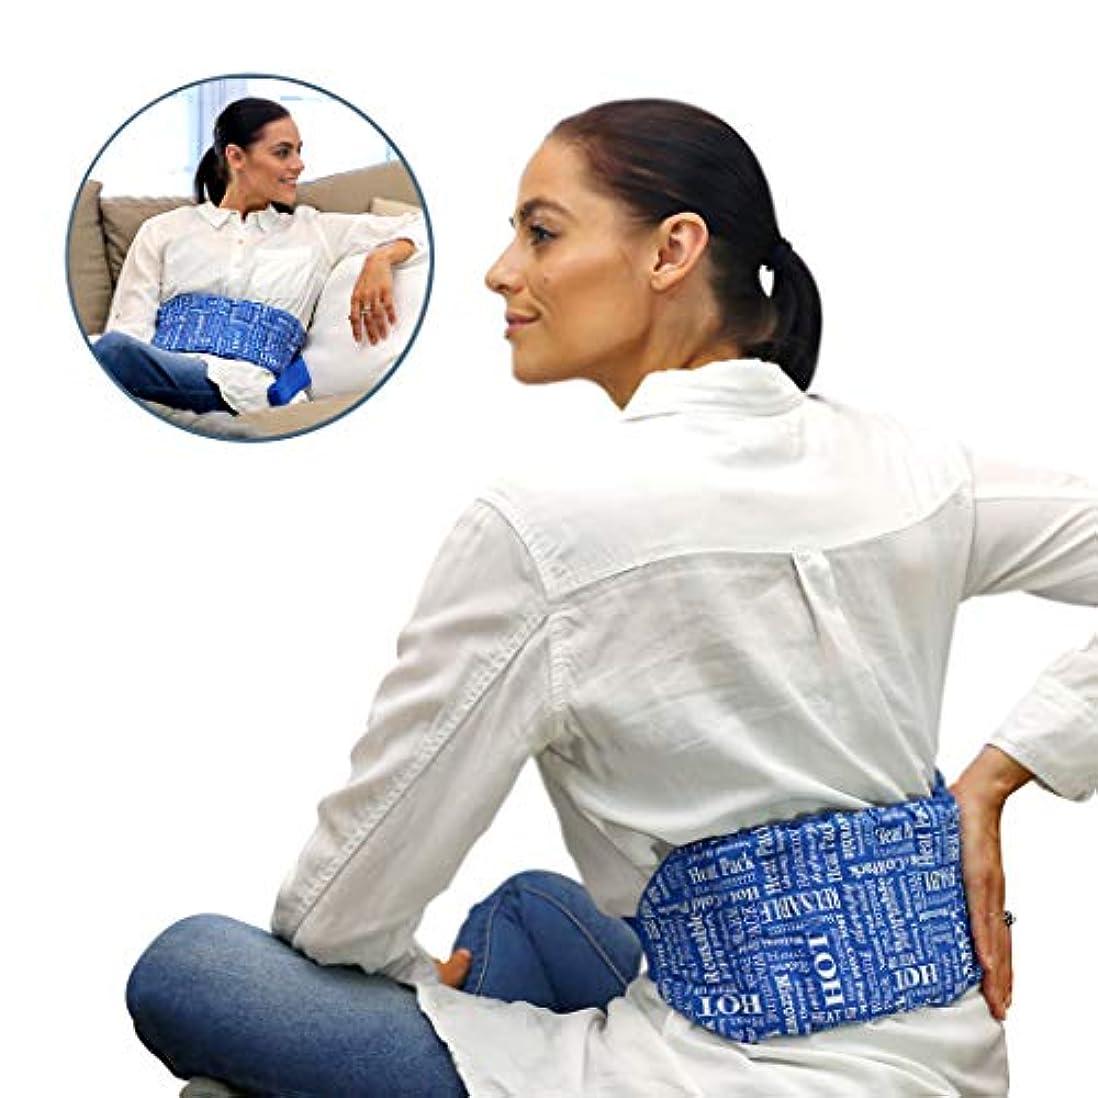 剪断賠償コンパスHTP Relief ヒートセラピーパックどこでも腰、生理痛、膝ストラップスージング痛みと緊張のためにラップ香りの暖房パッド 青